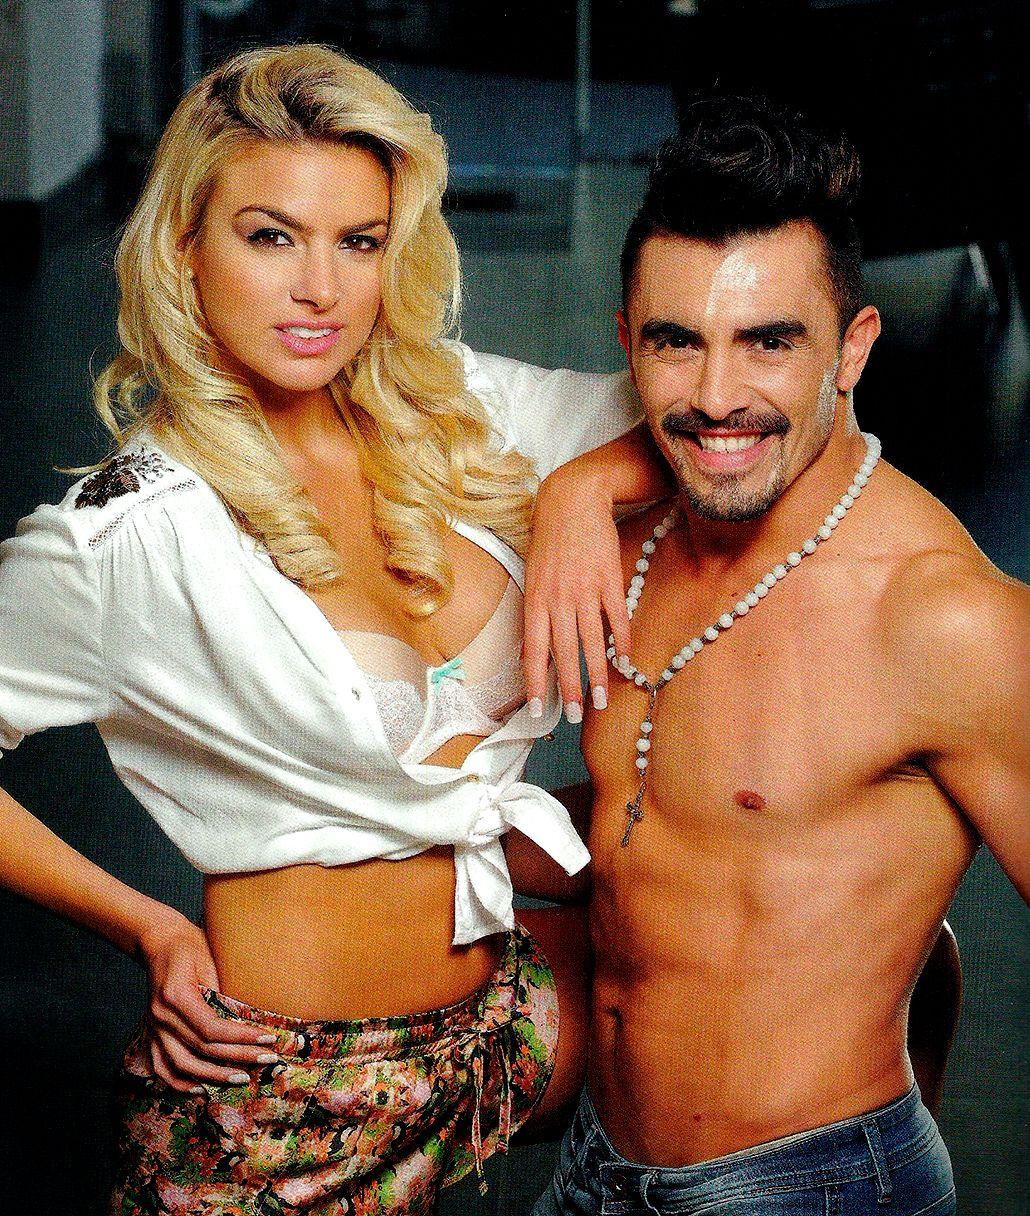 La producción caliente de Ailén Bechara y Fernando Bertona: Tenemos feeling y mucha piel